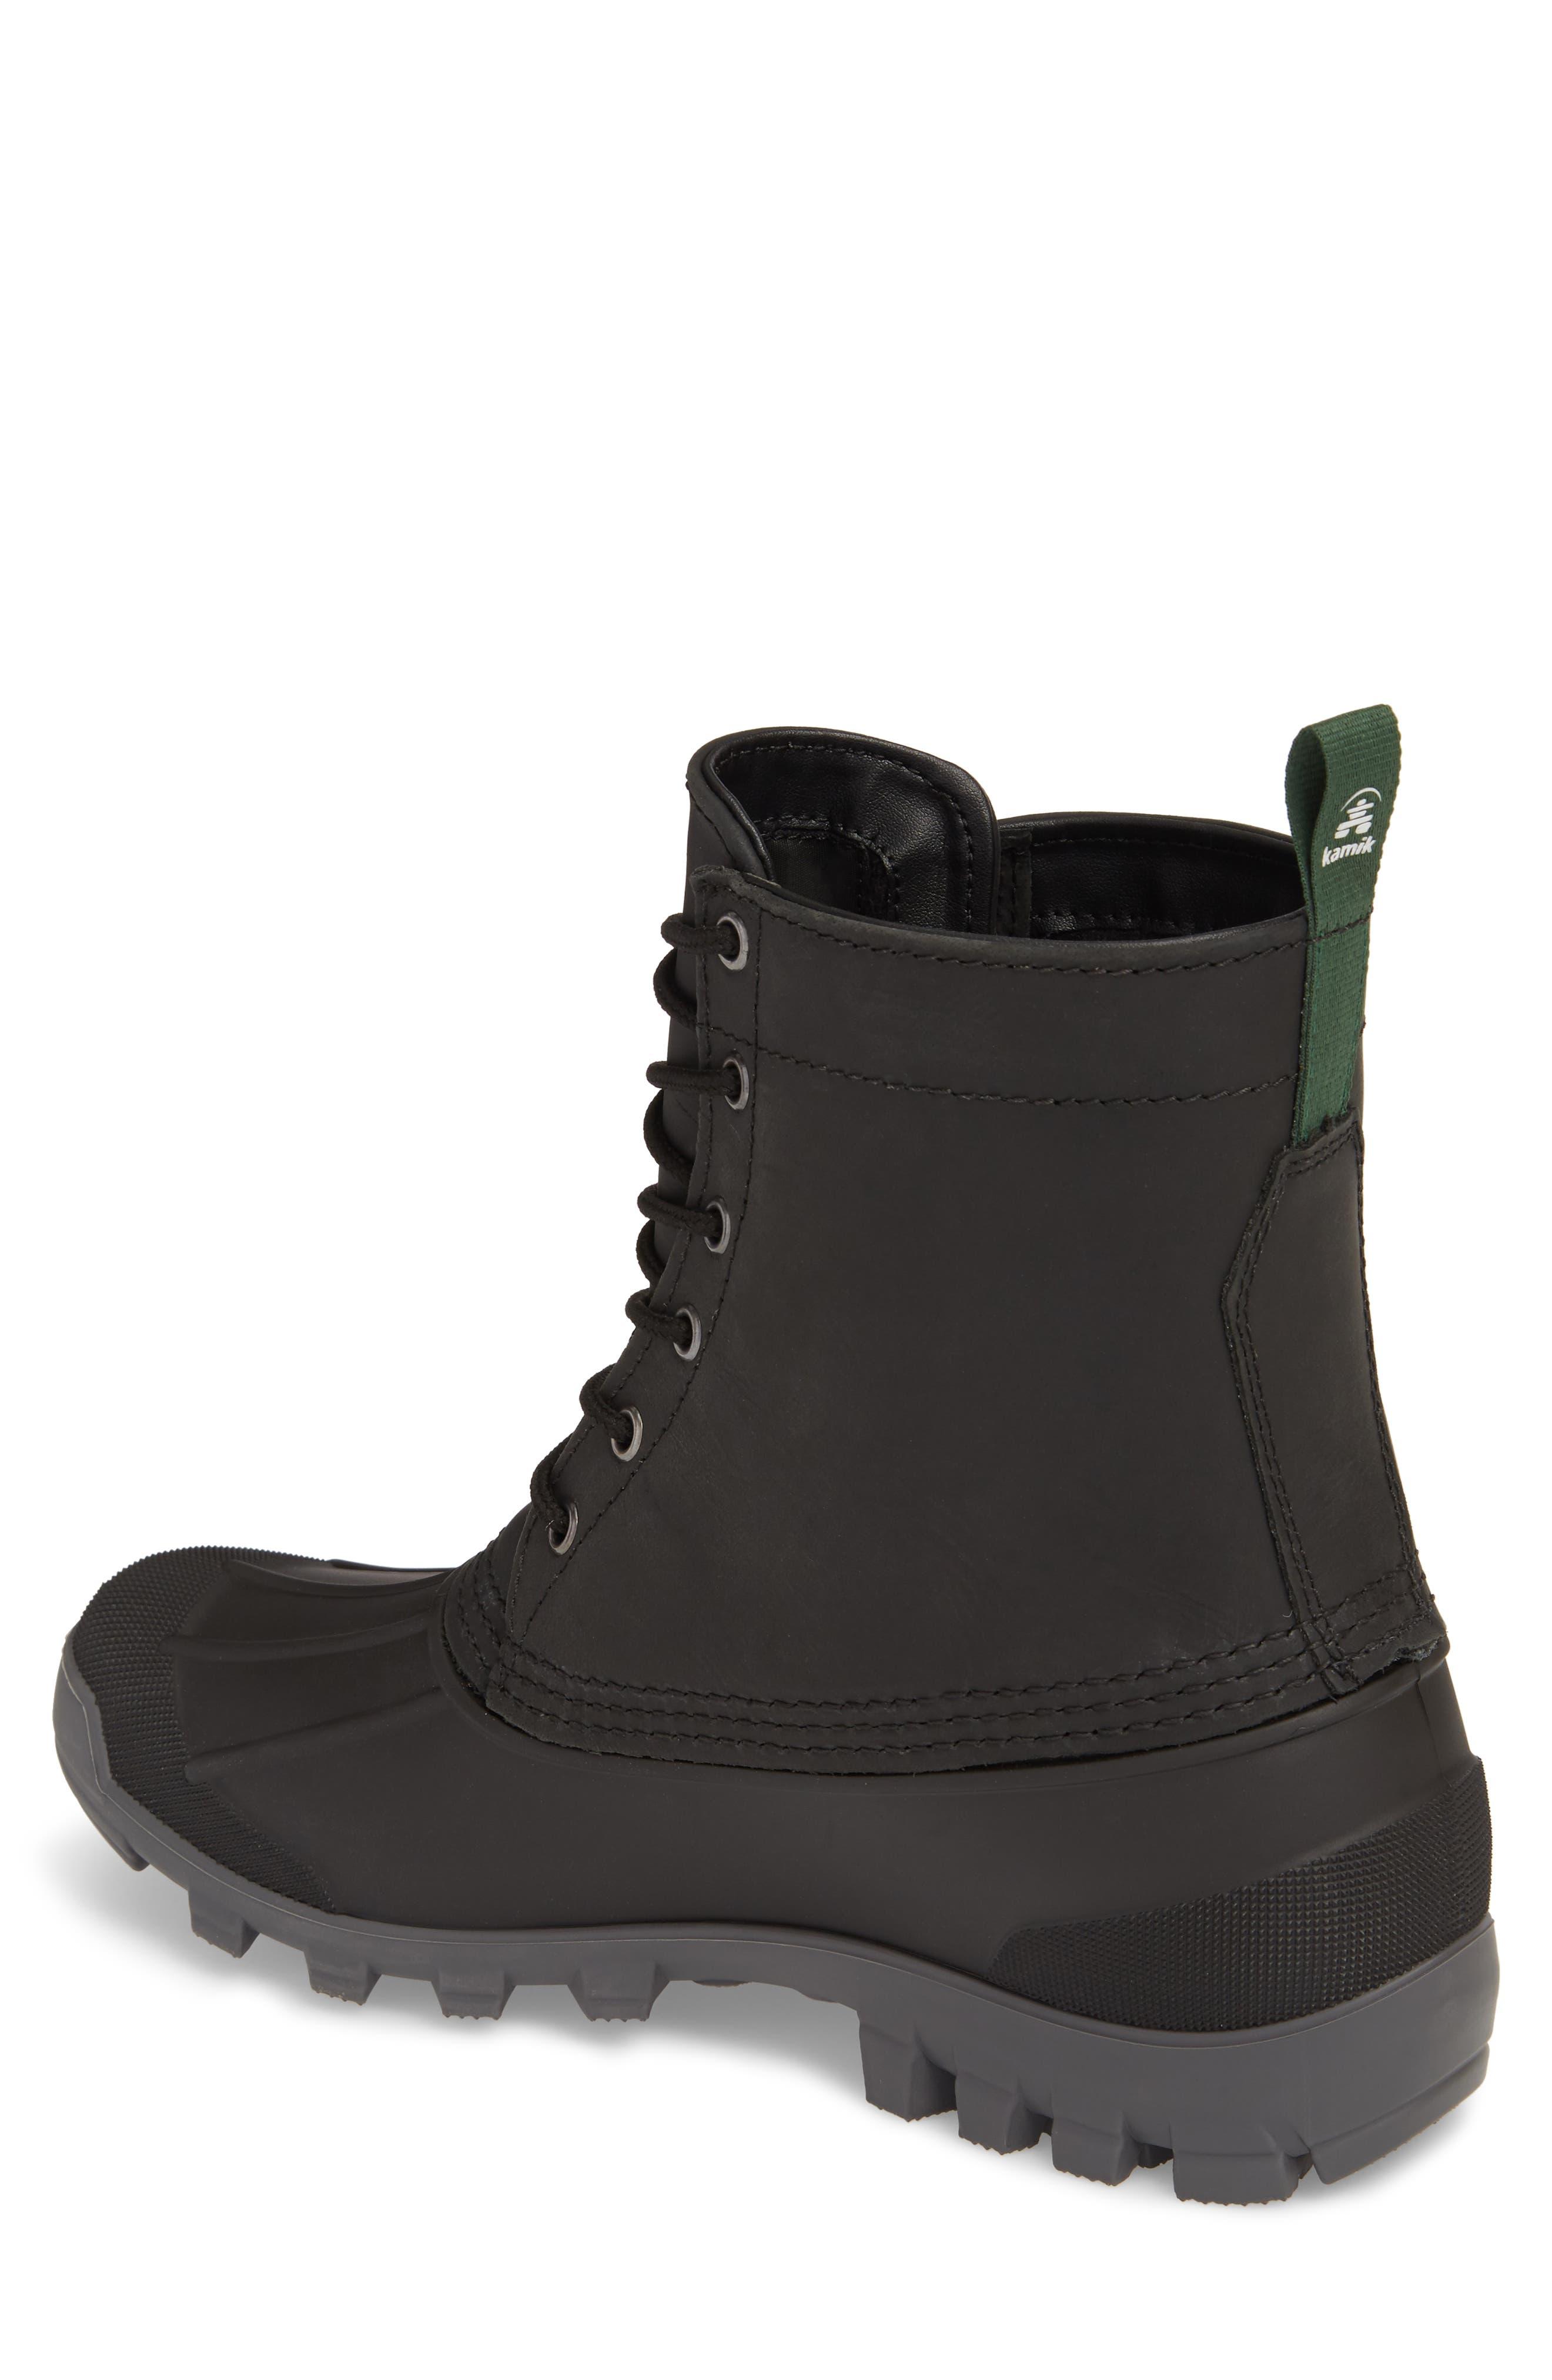 Alternate Image 2  - Kamik Yukon 6 Waterproof Insulated Three-Season Boot (Men)